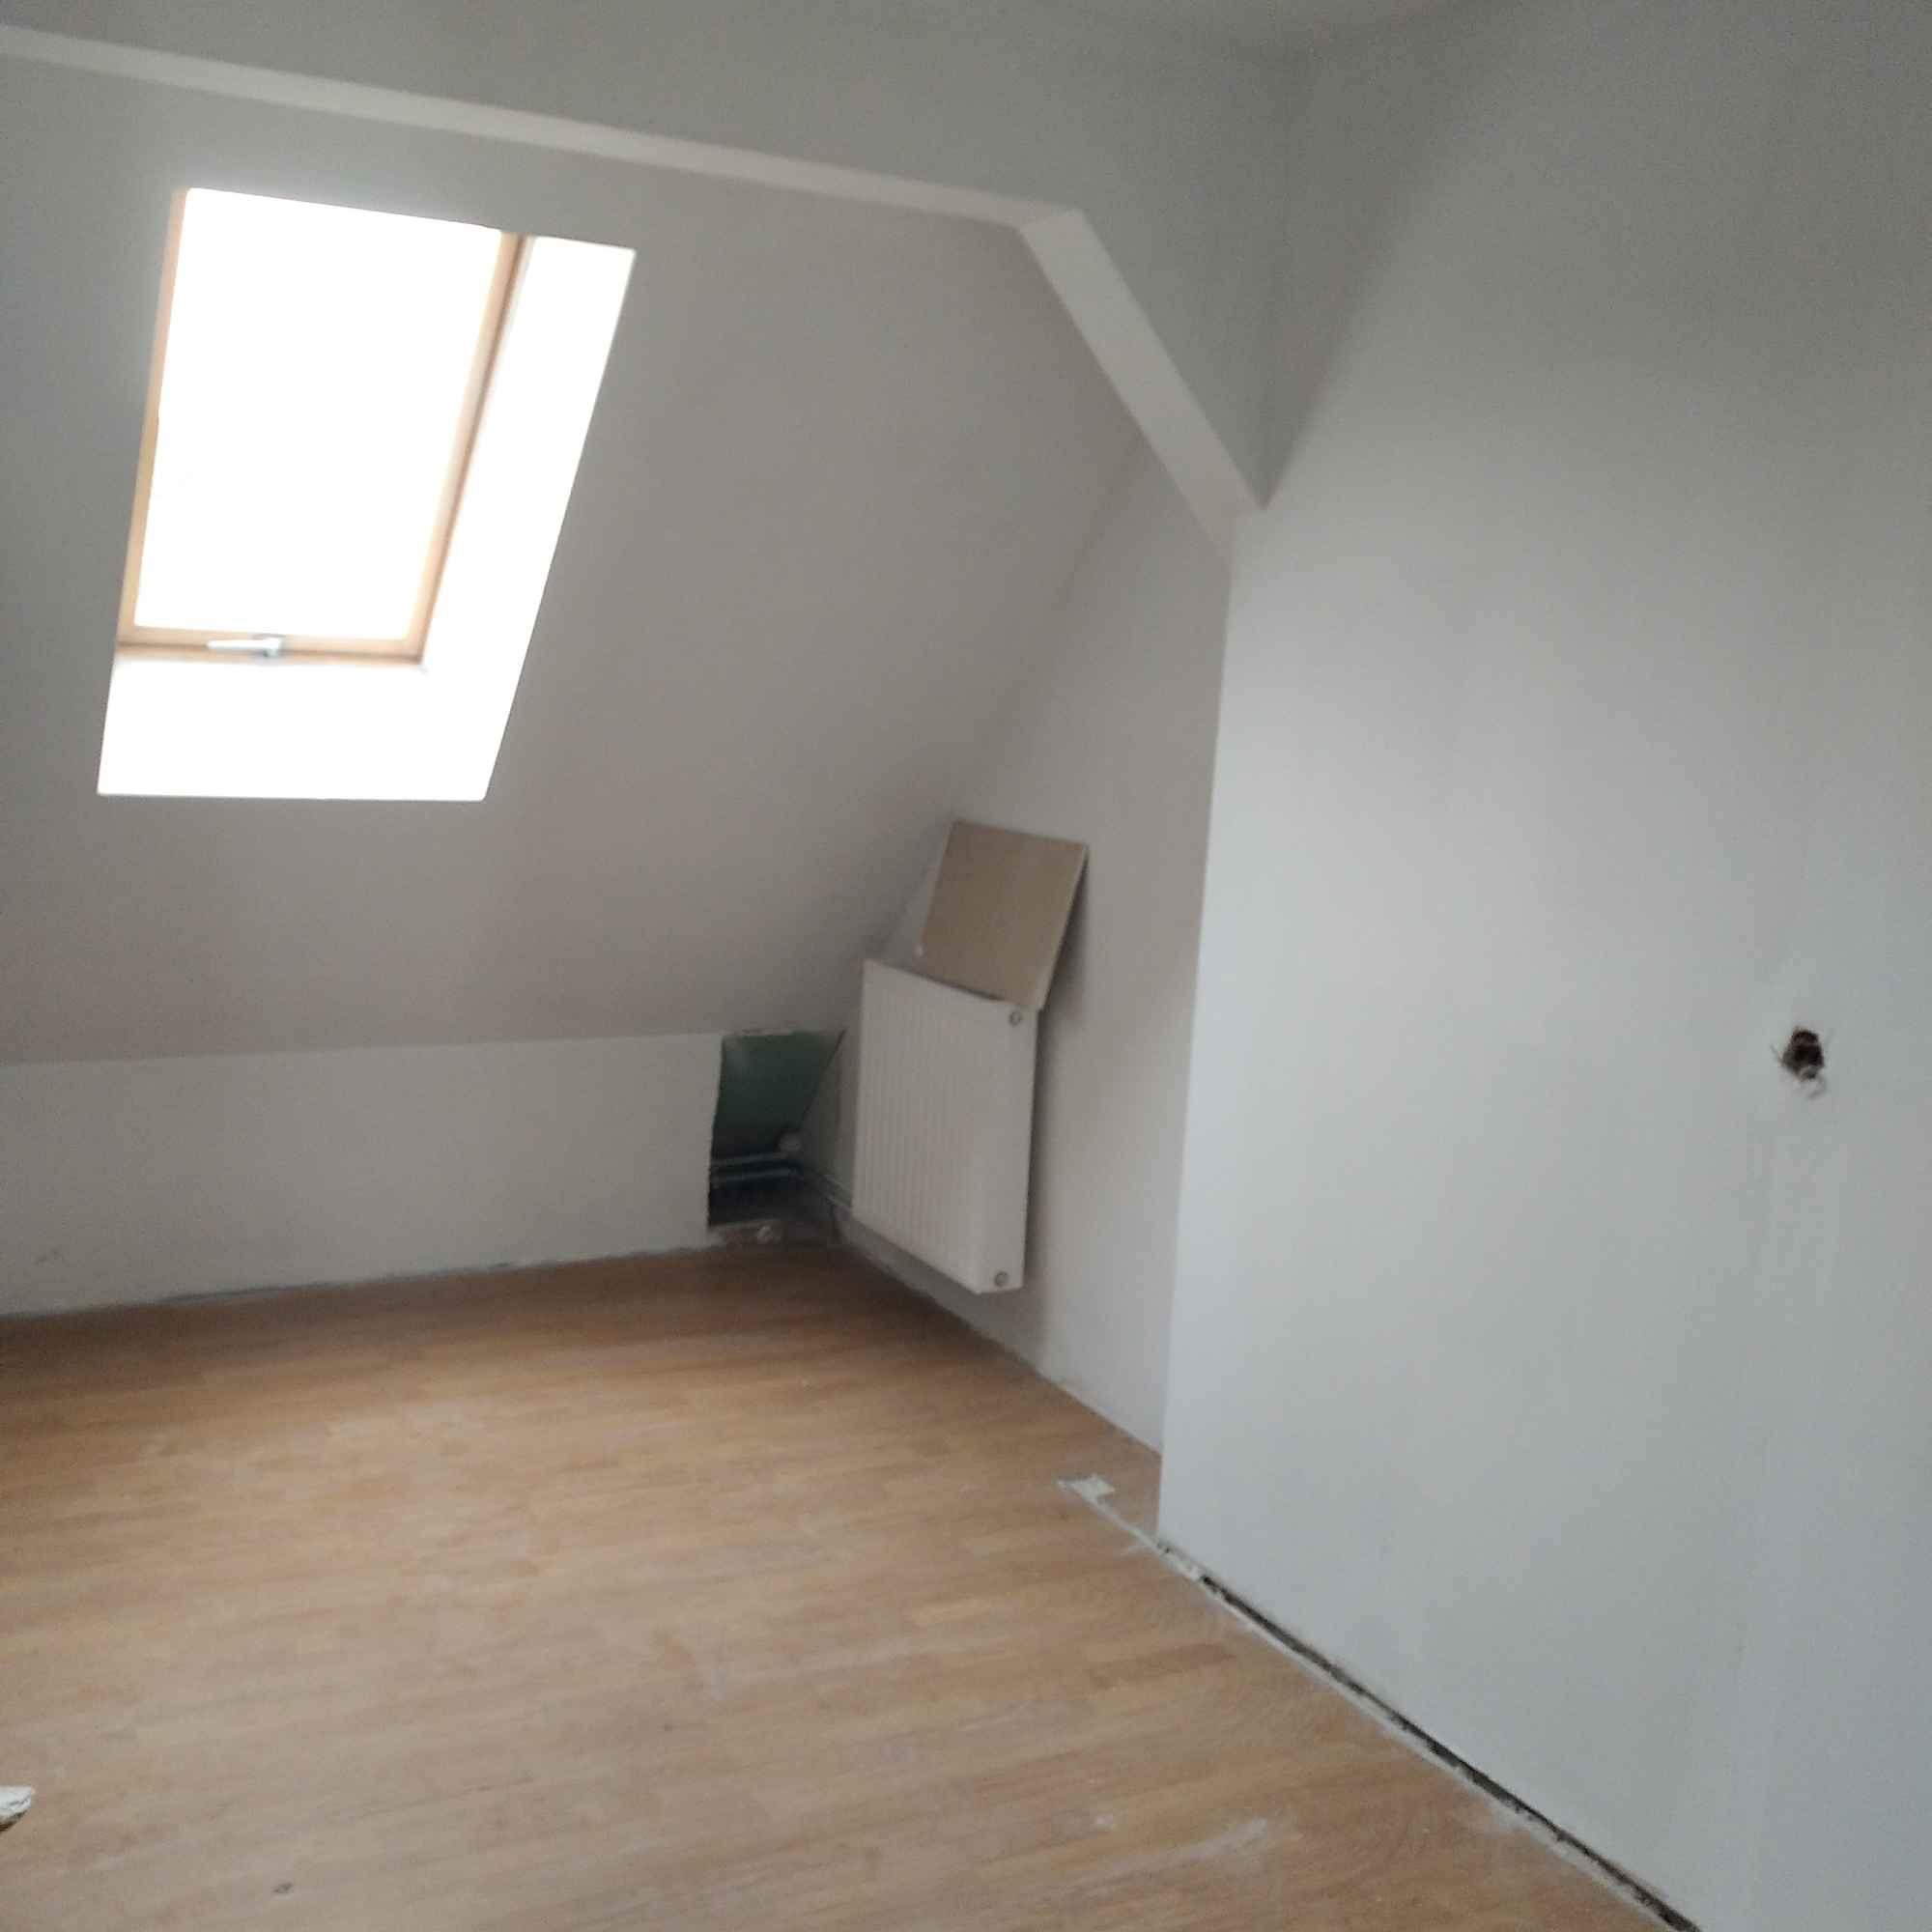 Bezczynszowe mieszkanie tanio 65900 Chociwel - zdjęcie 8